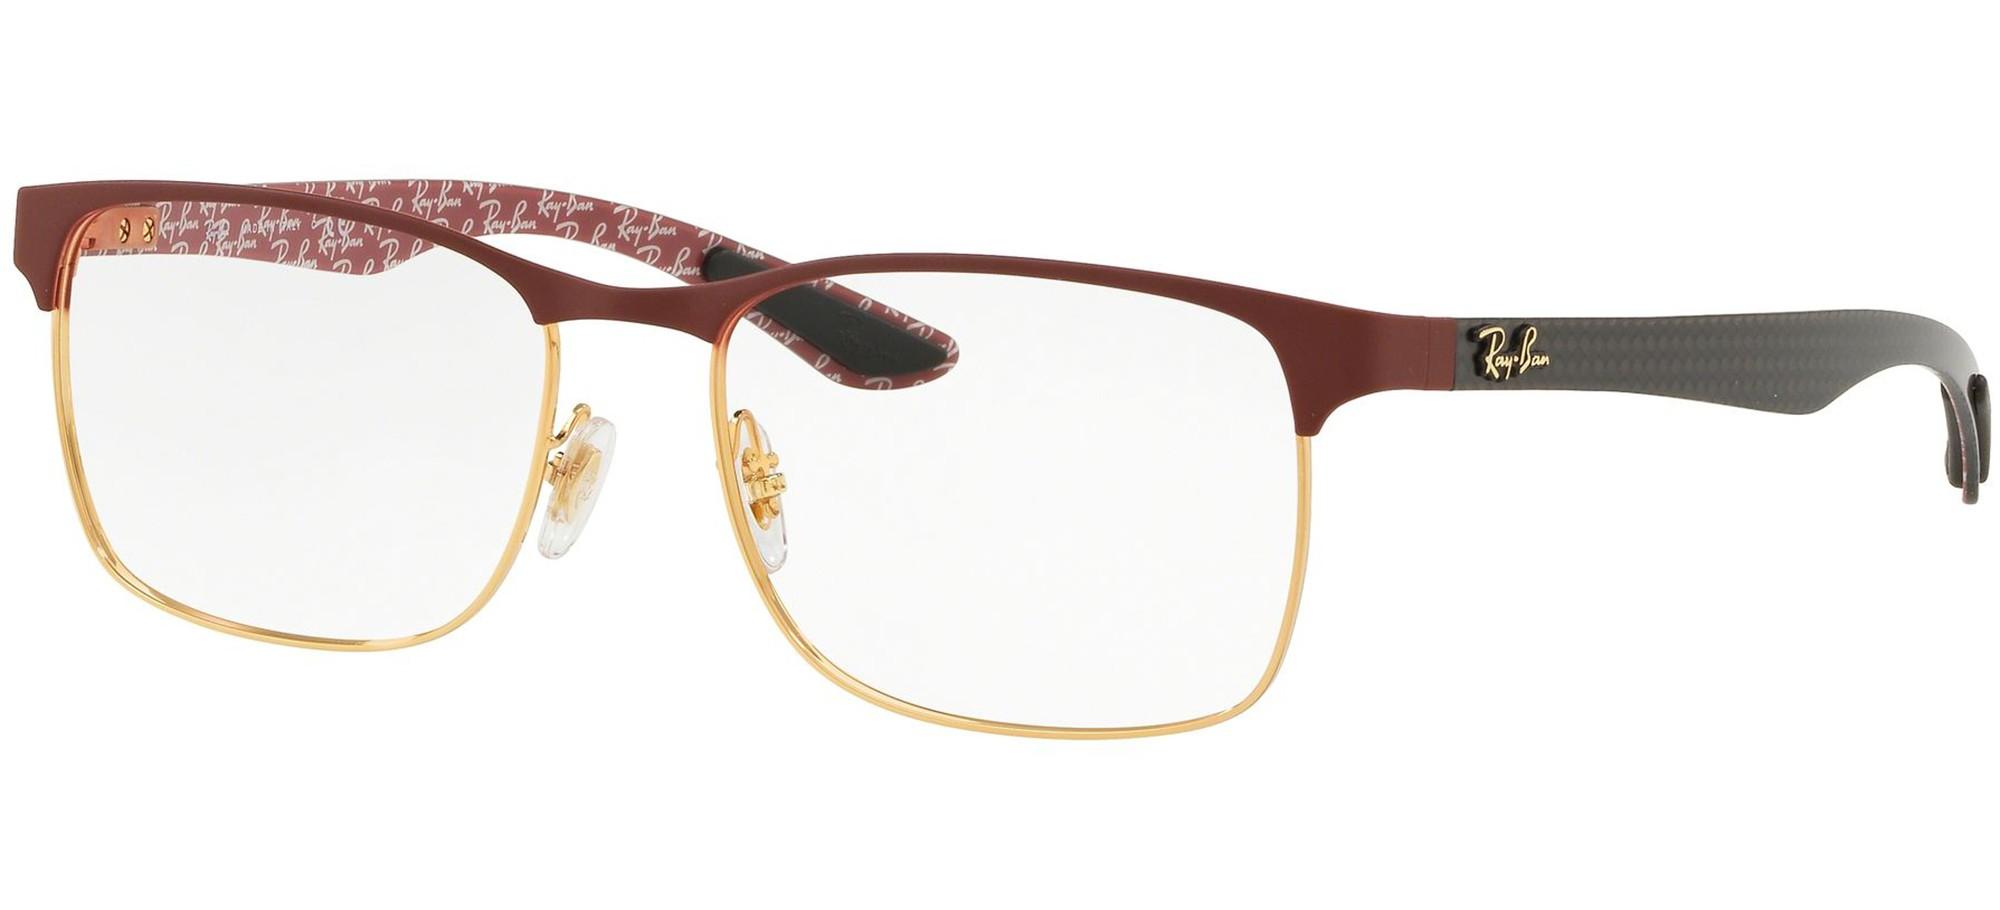 Ray-Ban brillen RX 8416